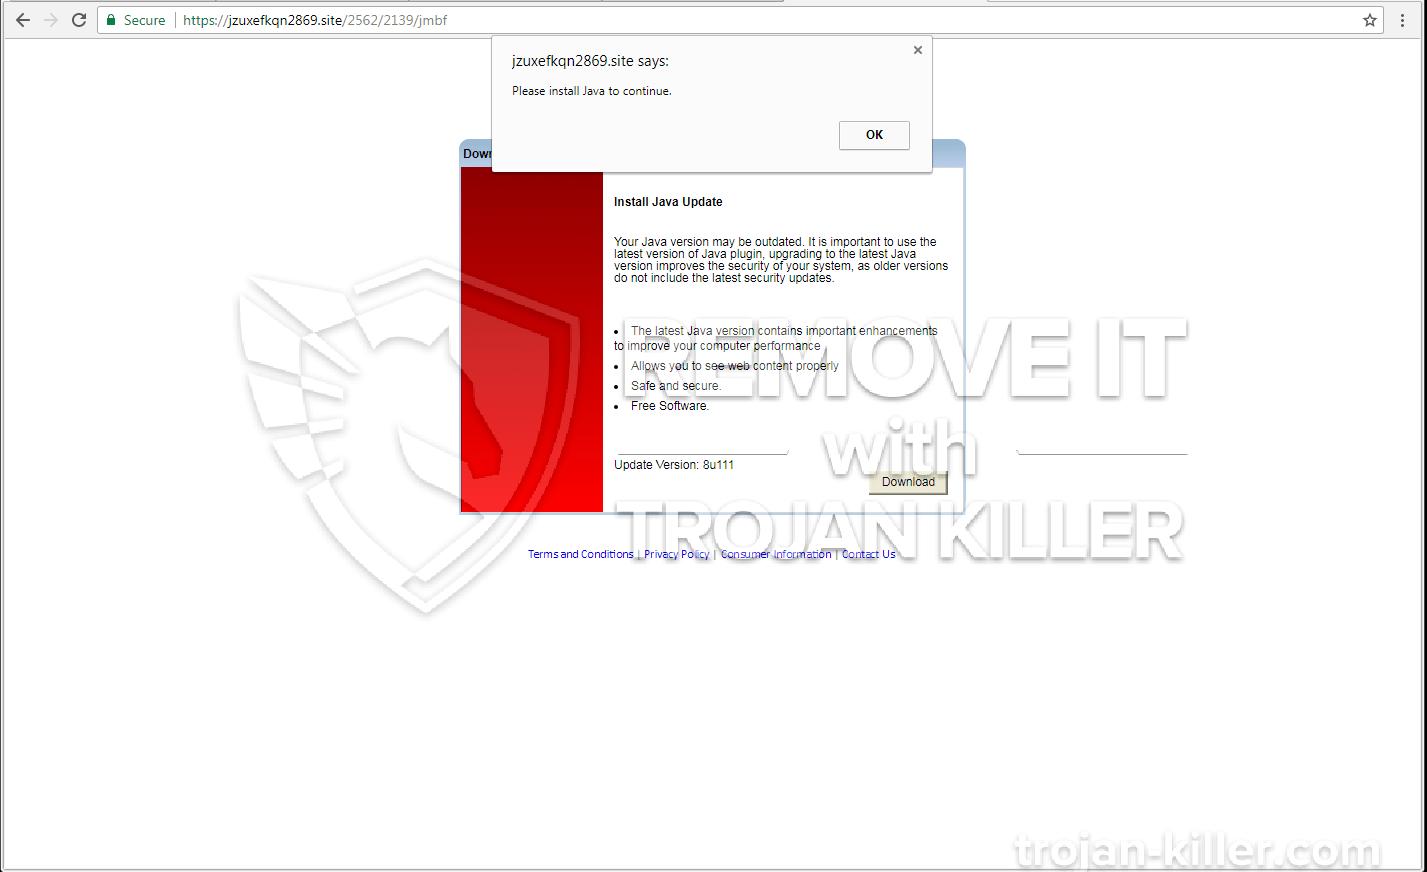 Jzuxefkqn2869.site virus